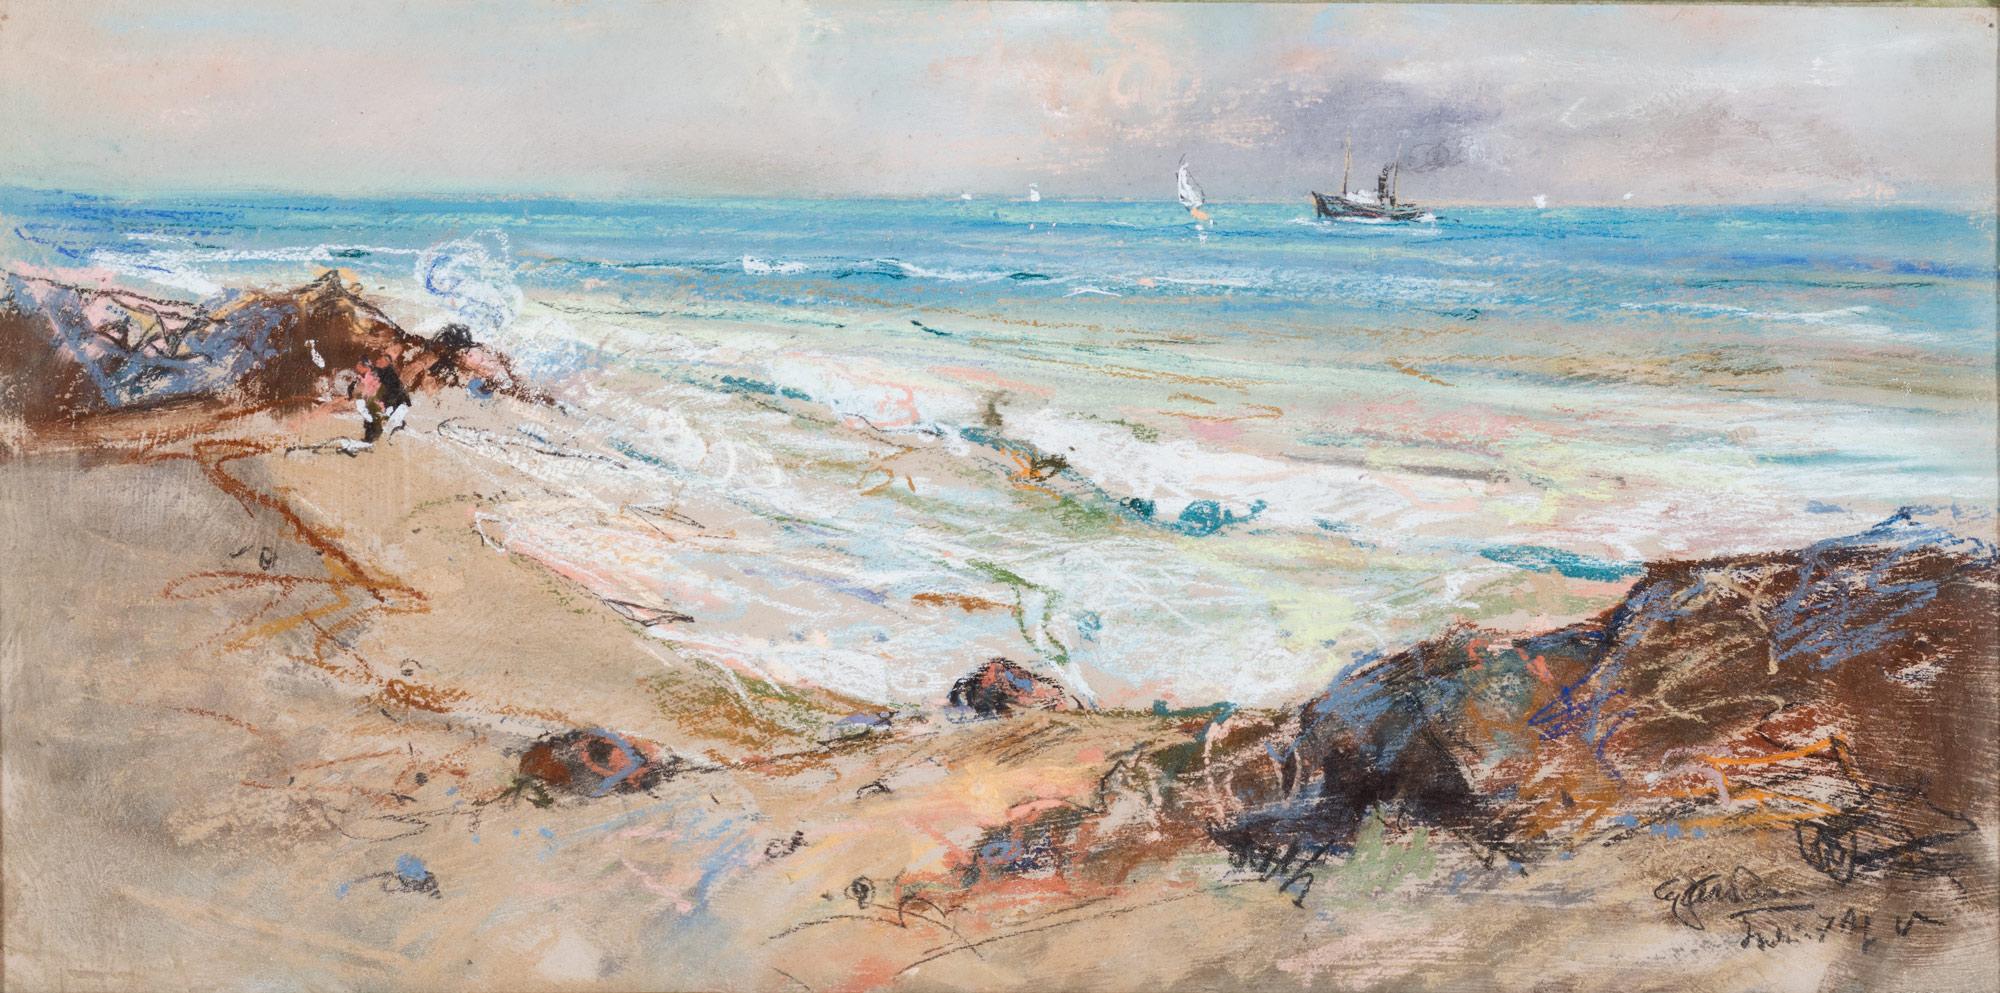 Spiaggia ad Ischia